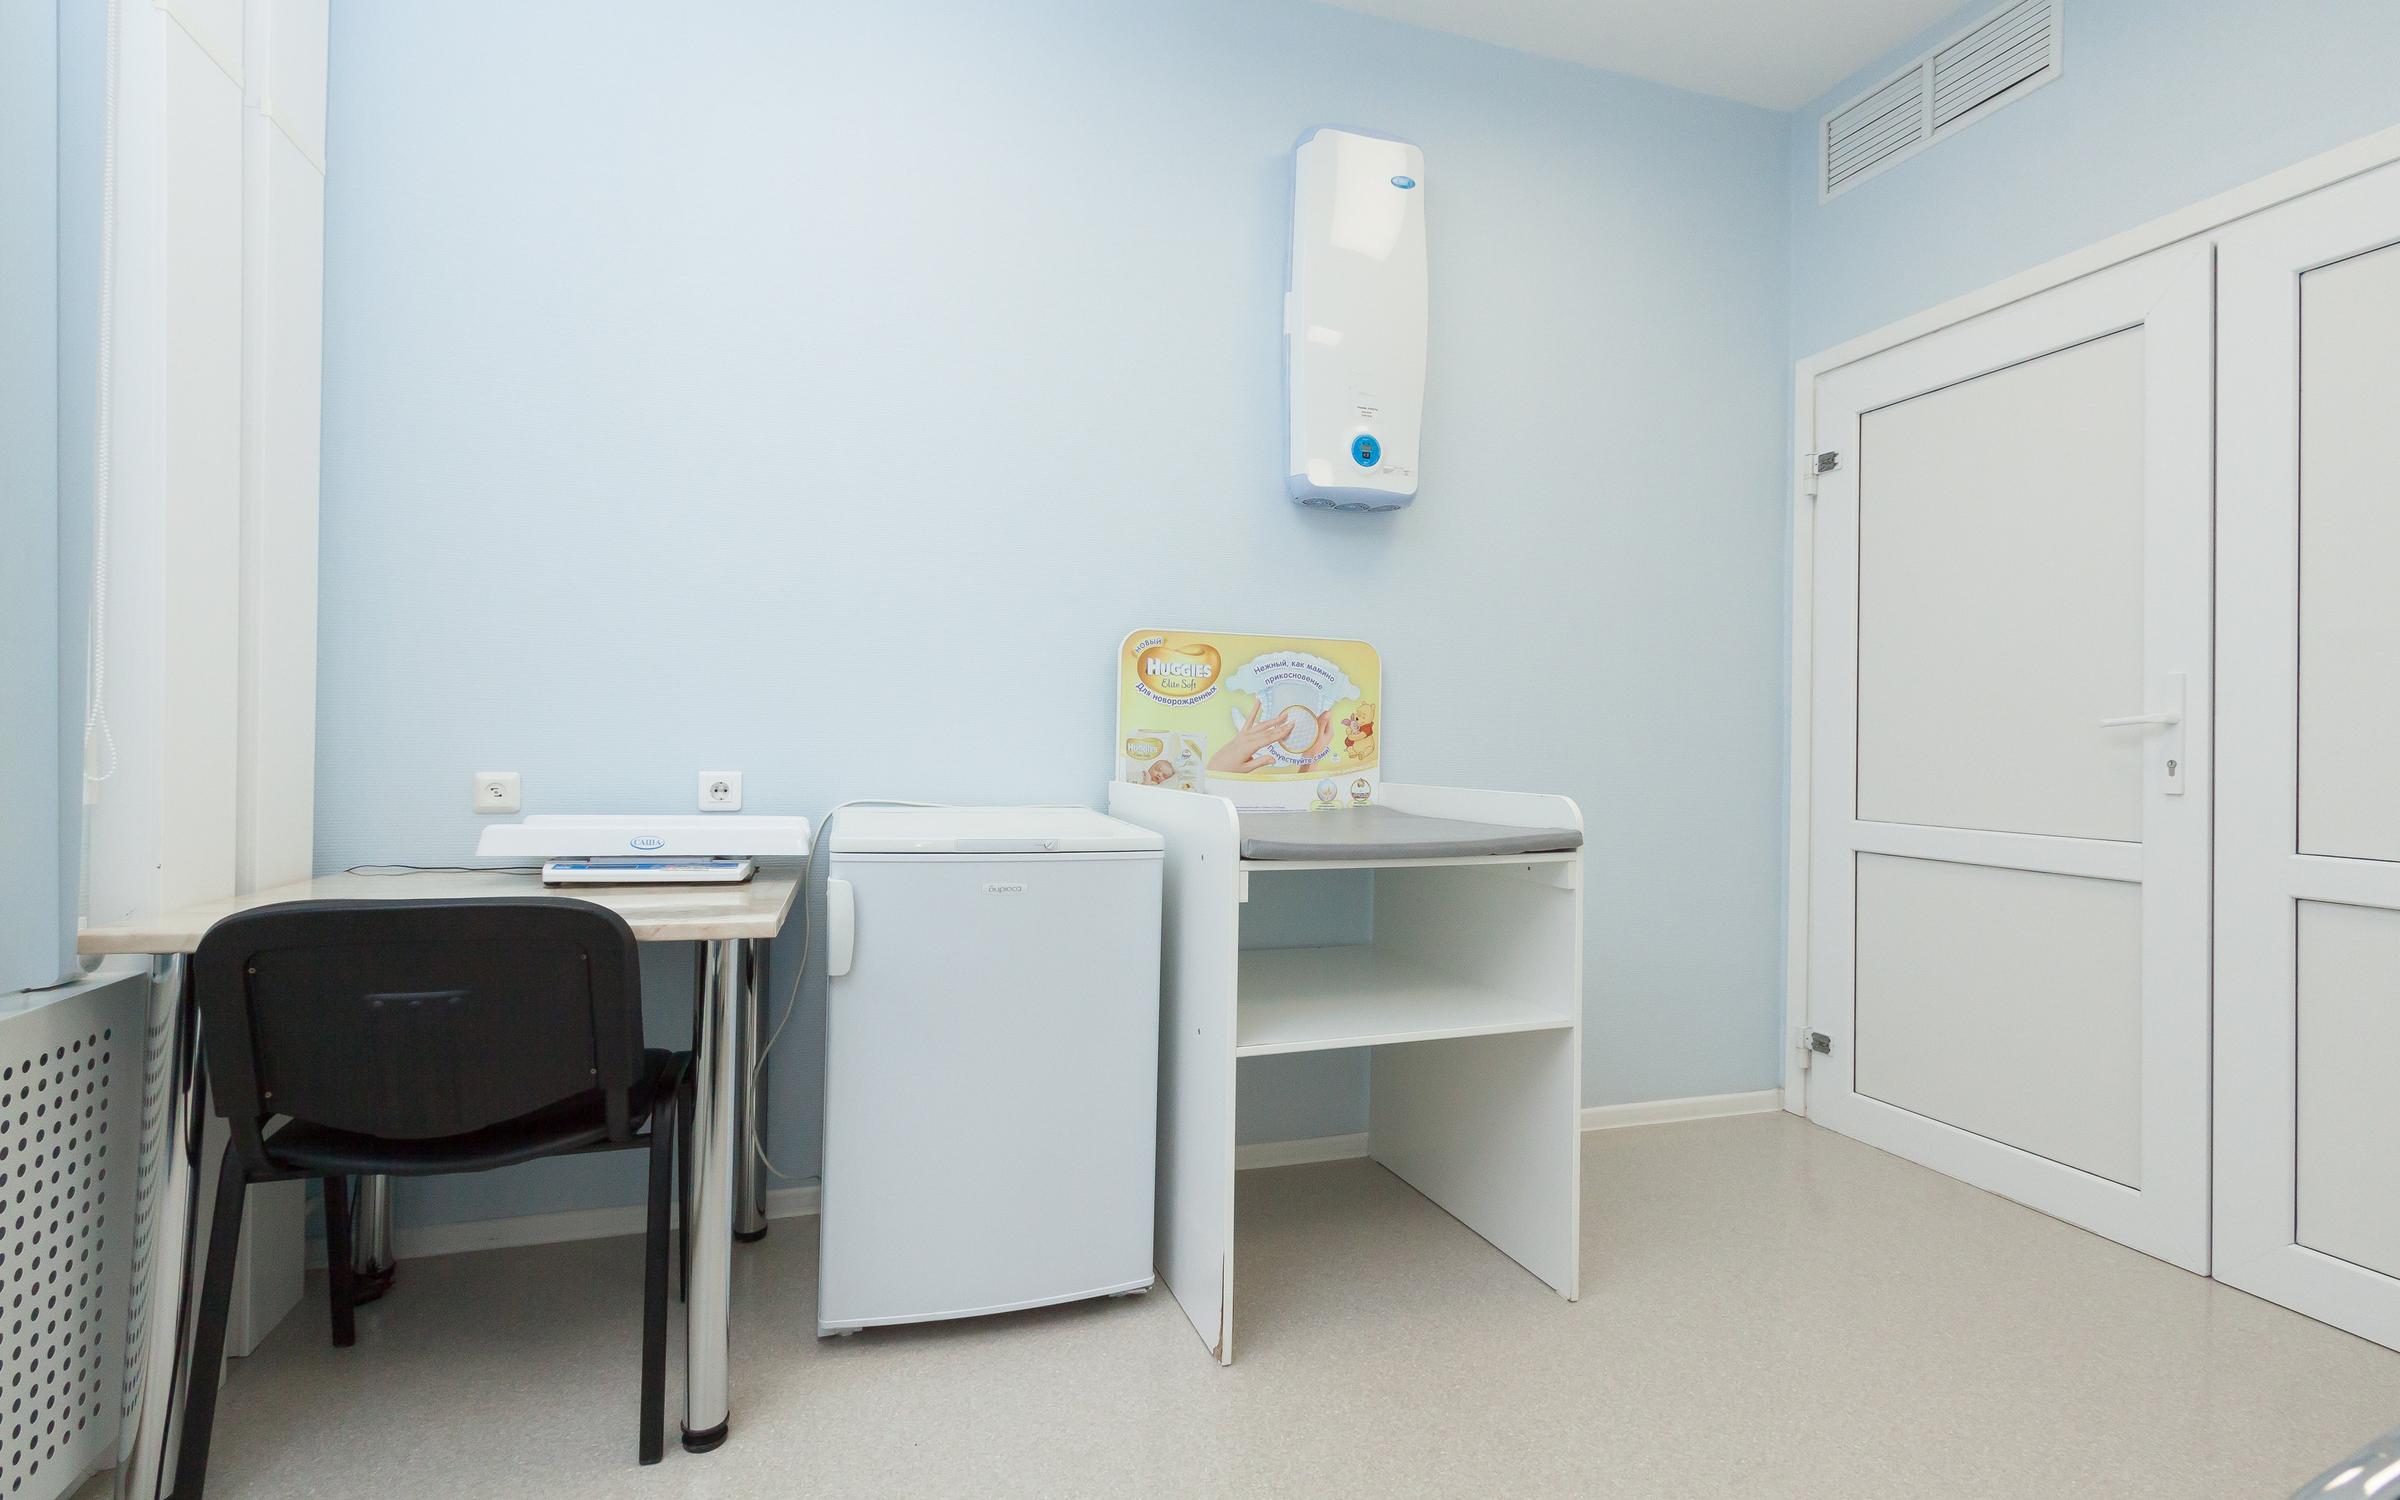 Завьяловская районная больница запись на прием детская поликлиника